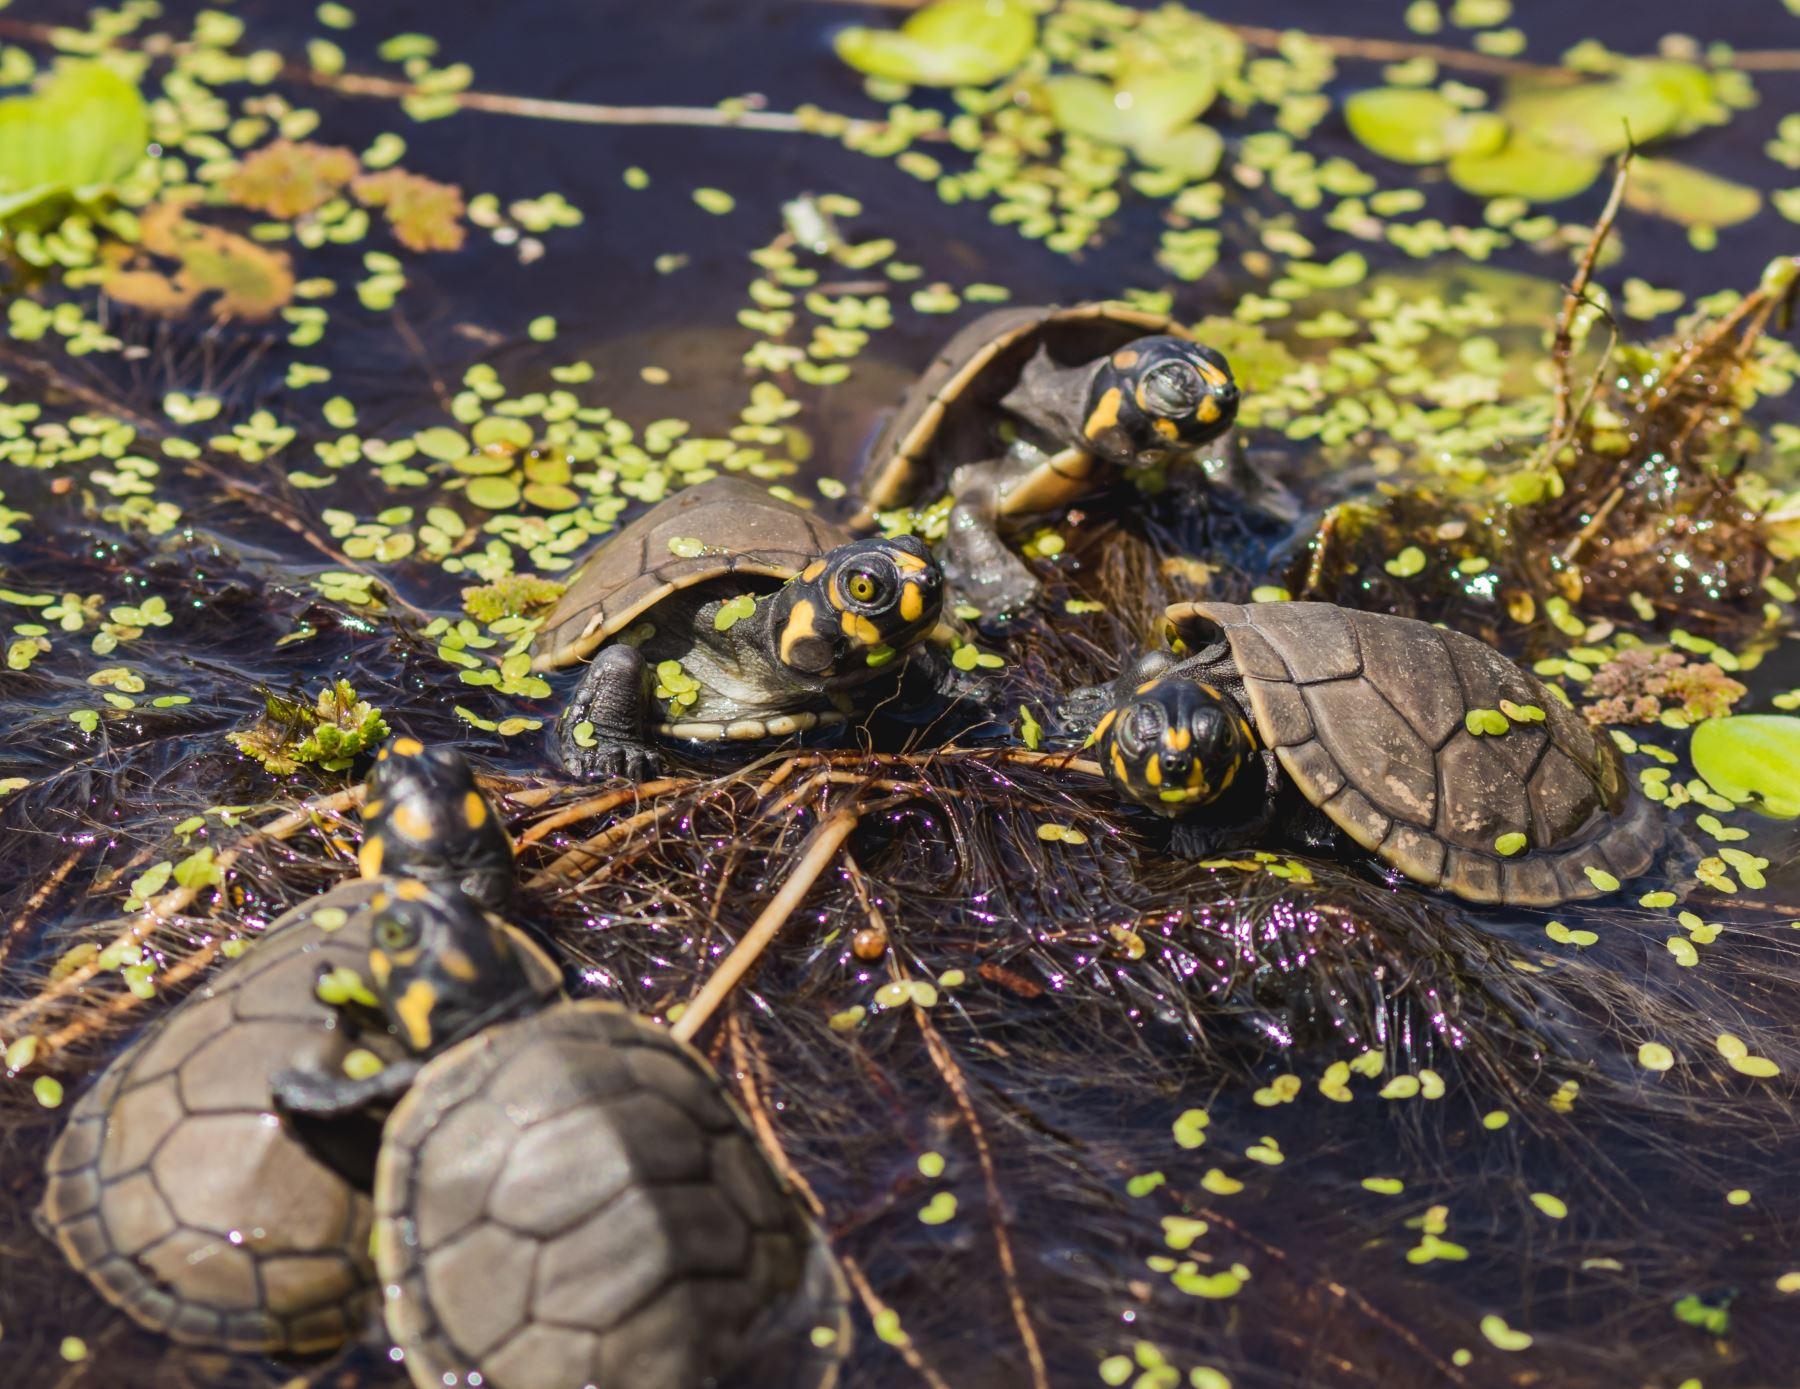 Sernanp lanza segunda etapa de campaña: Apadrina una taricaya, conserva Pacaya, que tiene como objetivo ayudar en la conservación de esta especie que vive en ríos de la Amazonía peruana.